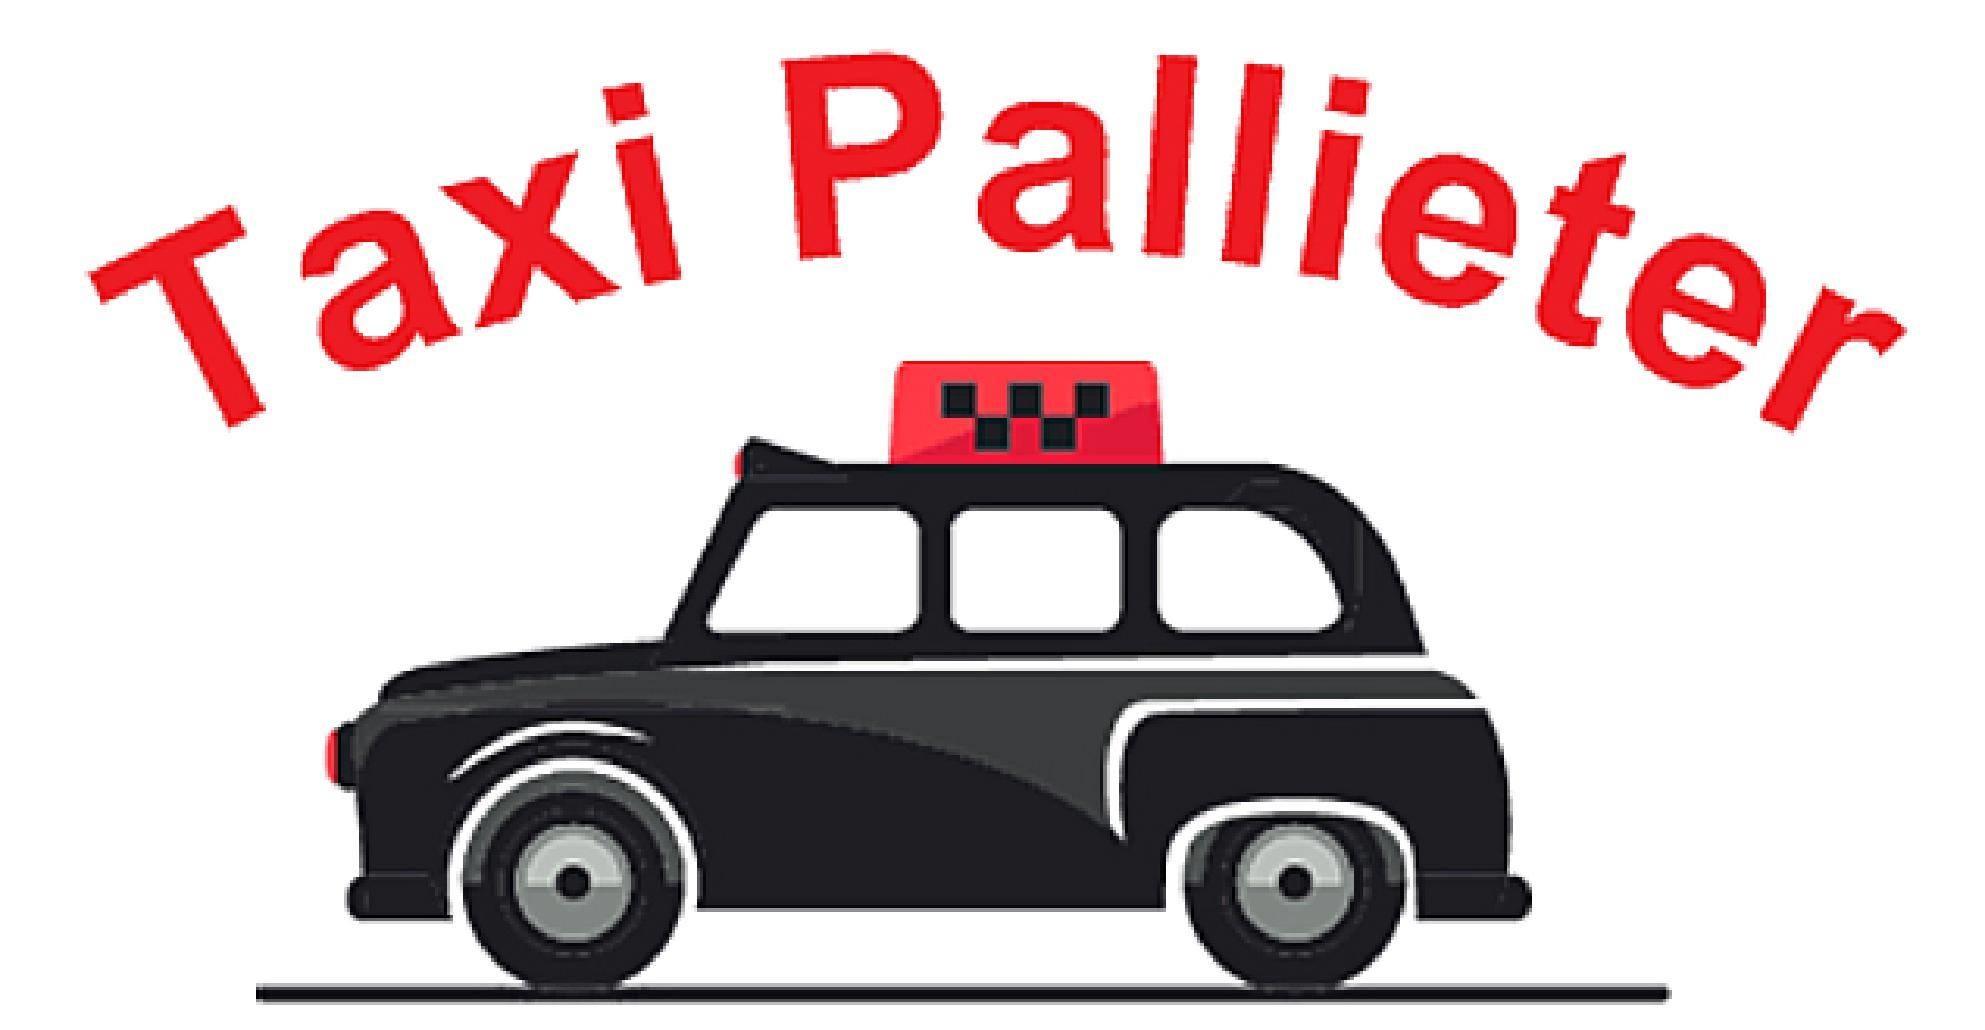 Taxi Pallieter